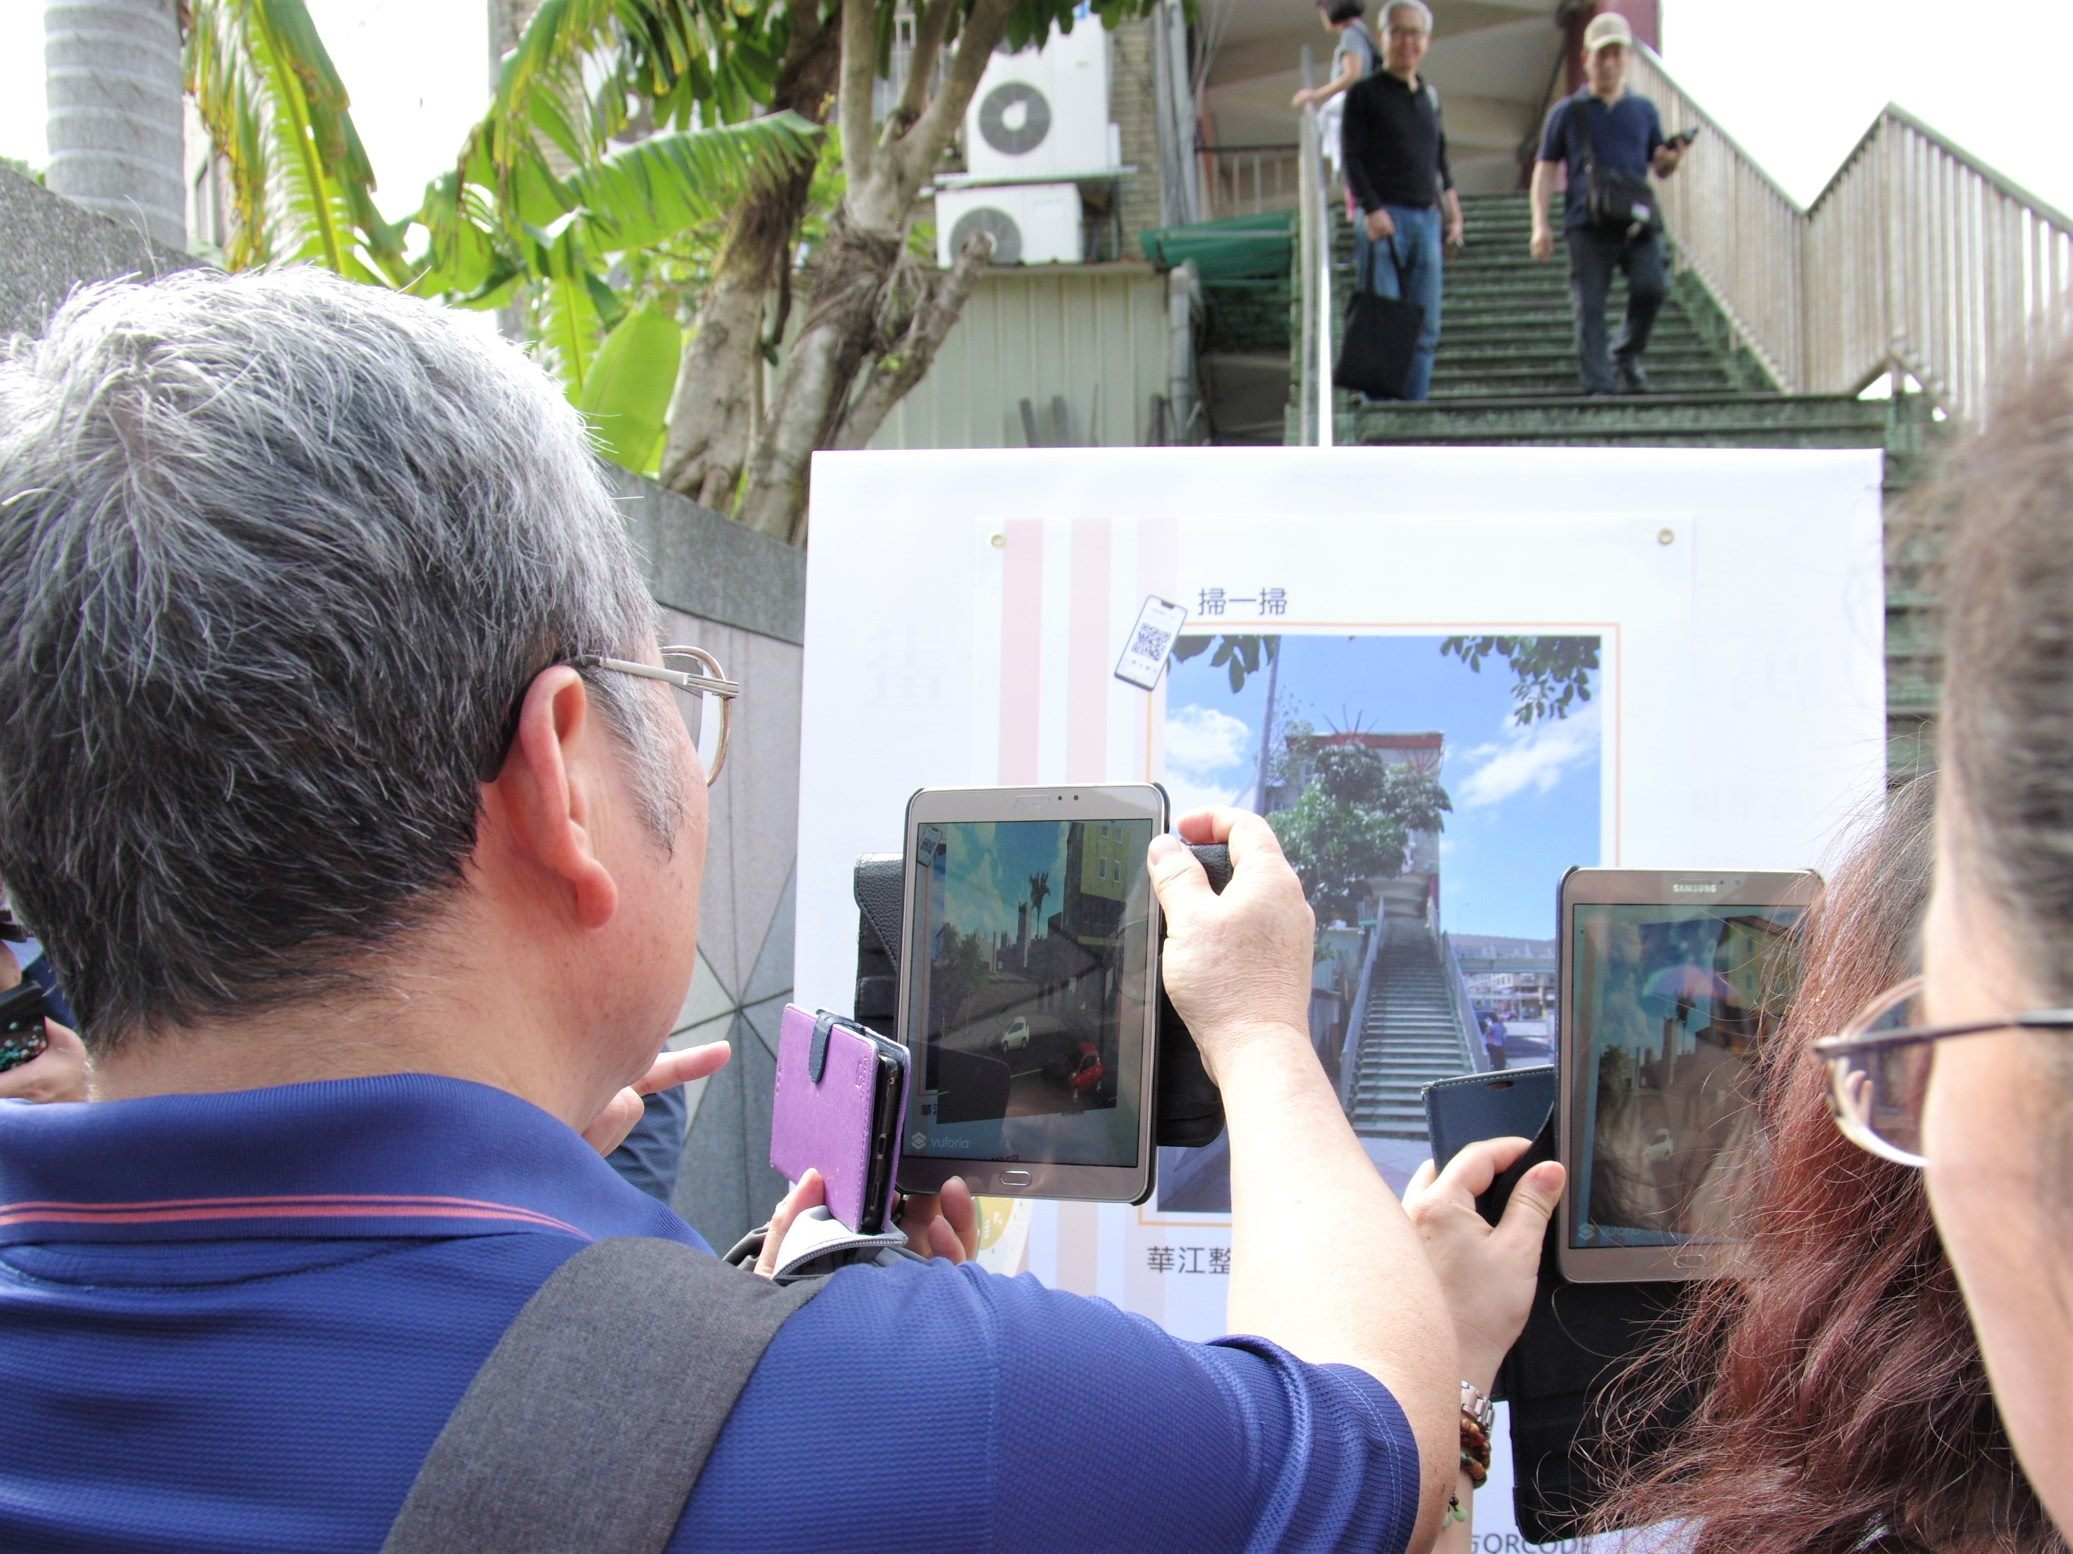 現場以AR模擬未來的華江整宅電梯樣貌